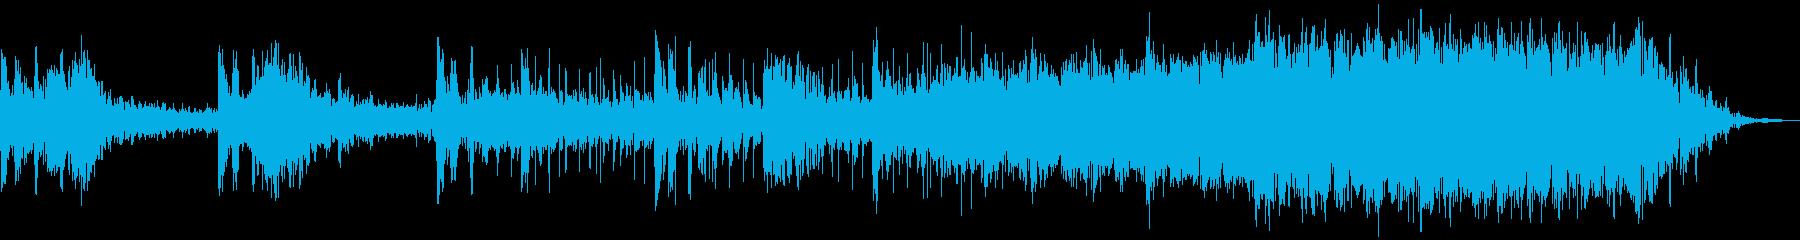 【トレーラー】 ダークな映画予告編 接近の再生済みの波形